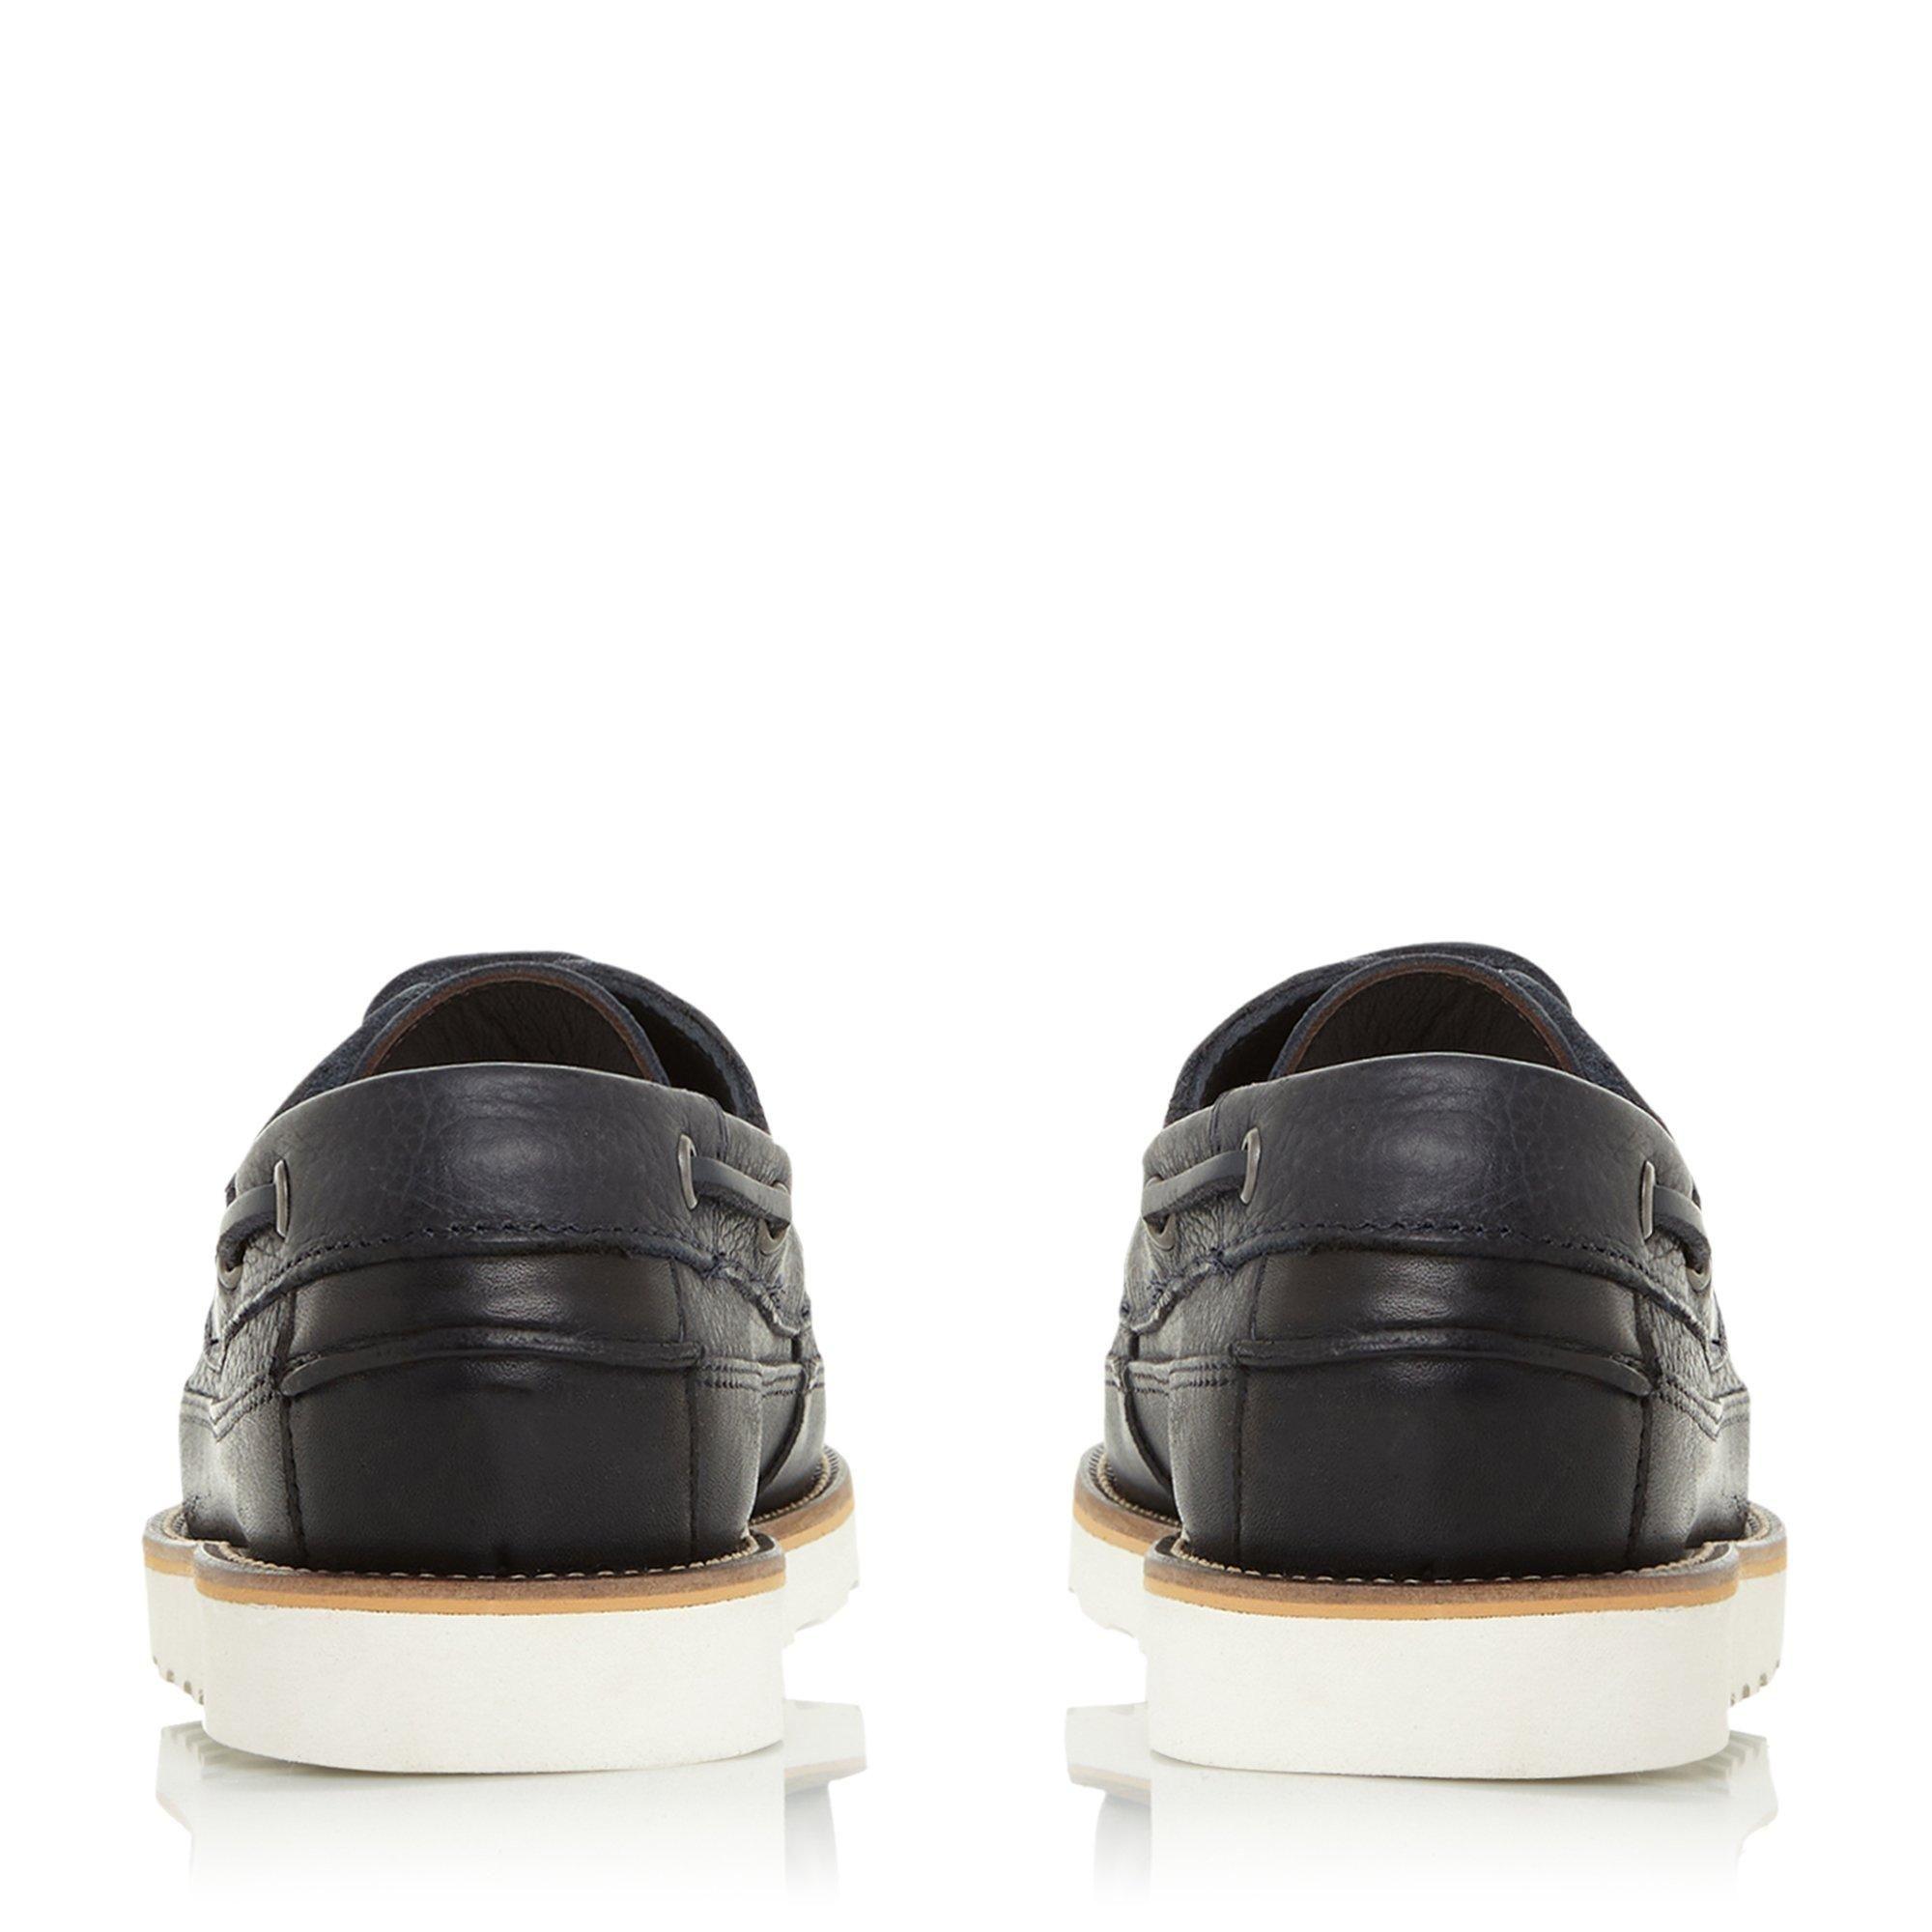 Bertie Mens BROADWALK Casual Boat Shoes